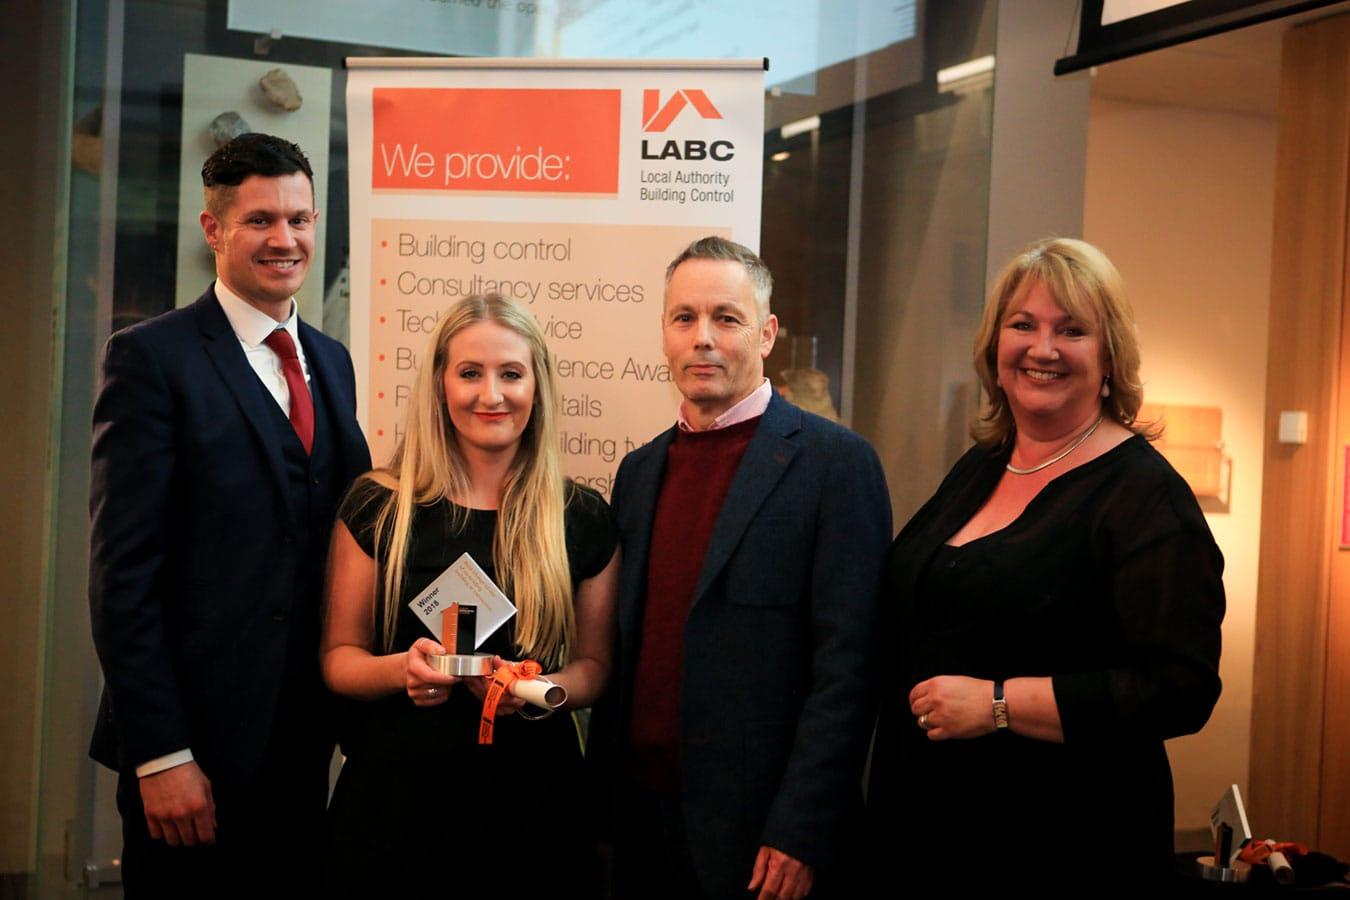 Bistro Lotte Renovtaion Team at Apex House win award